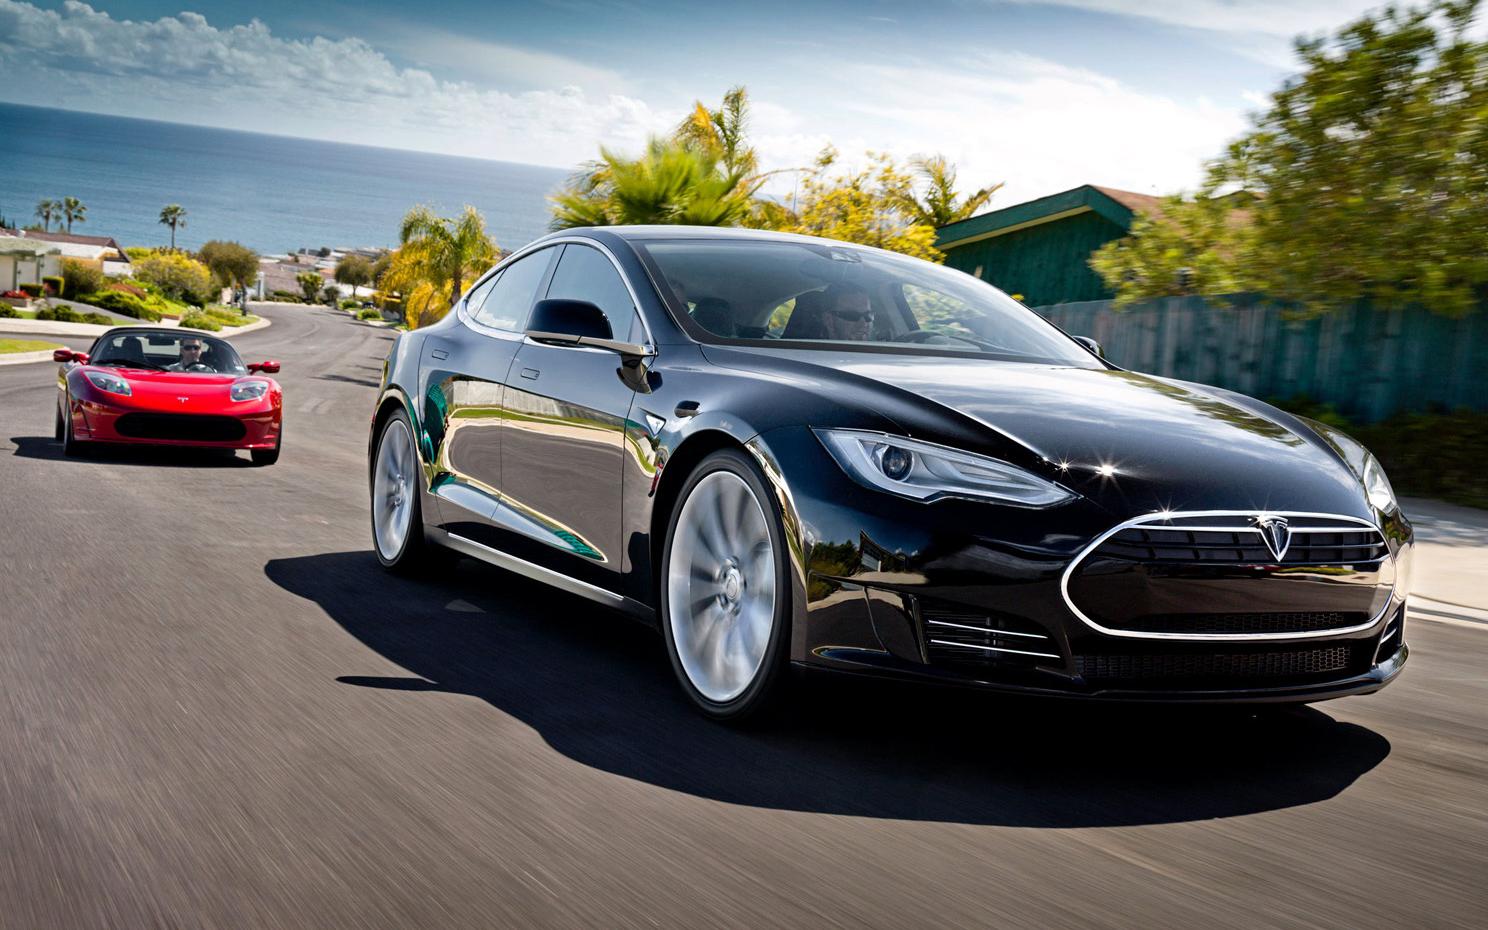 Coches Tesla Todos Los Modelos Y Precios De Tesla Autobild Es